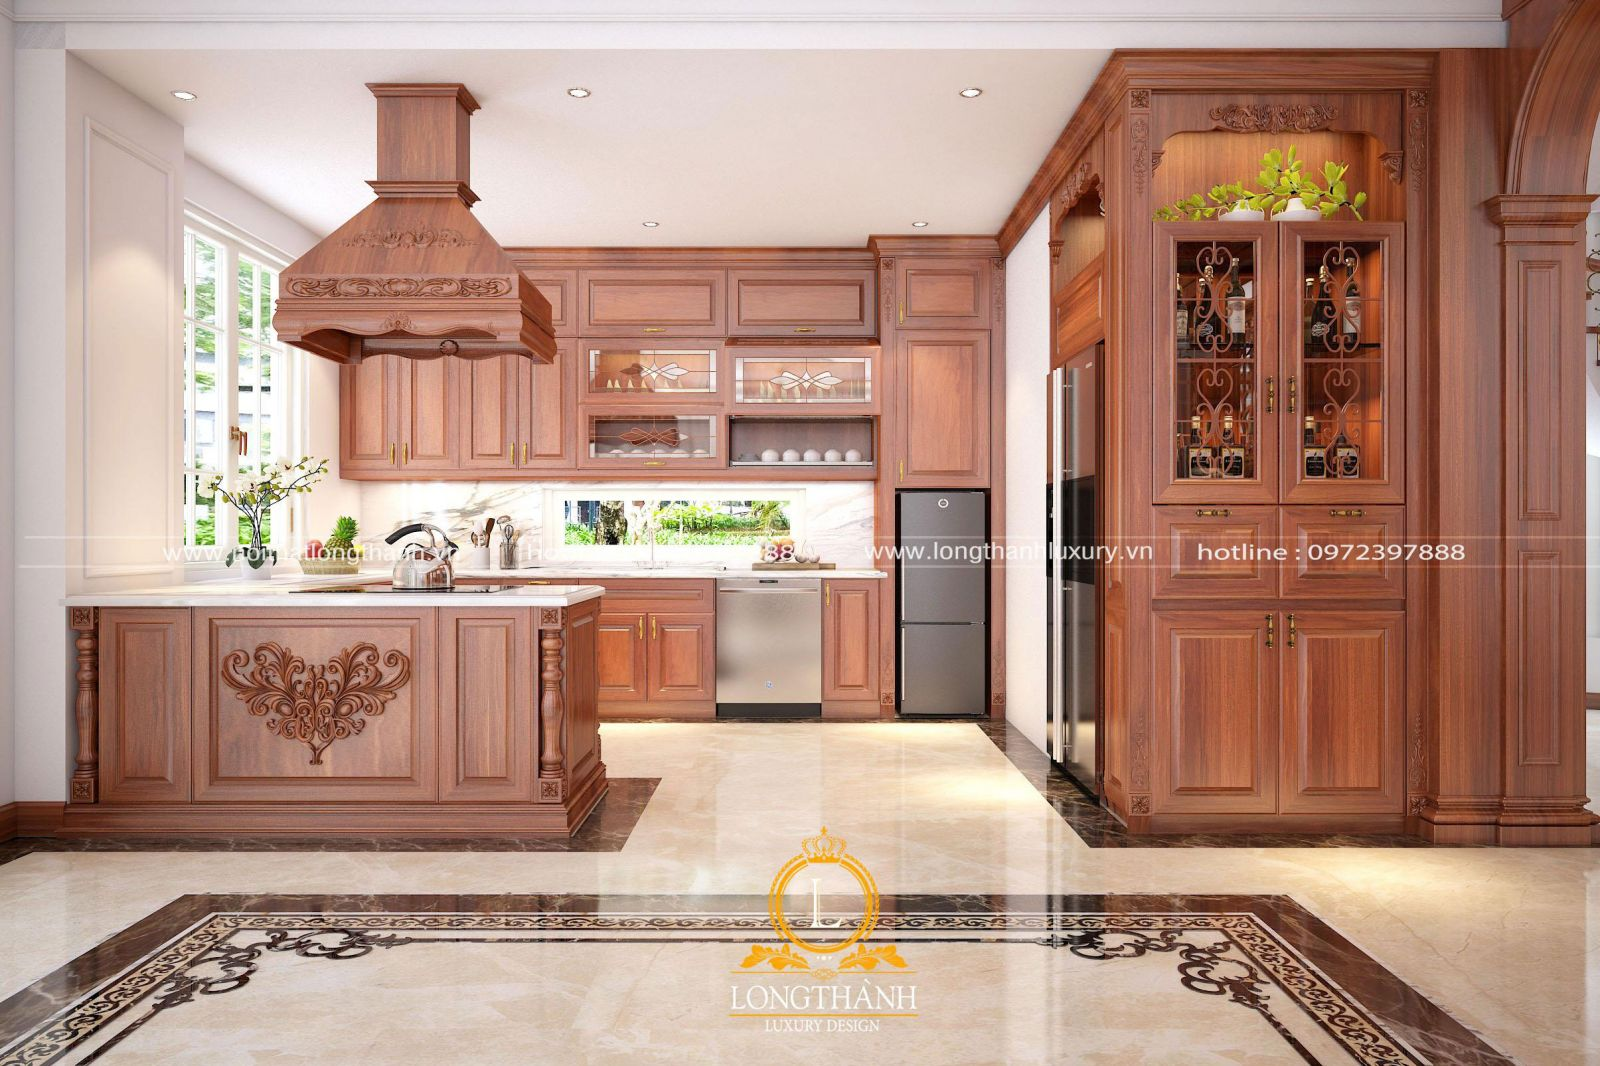 Mẫu  tủ bếp gỗ Gõ cao cấp được lựa chọn cho không gian nhà bếp biệt thự